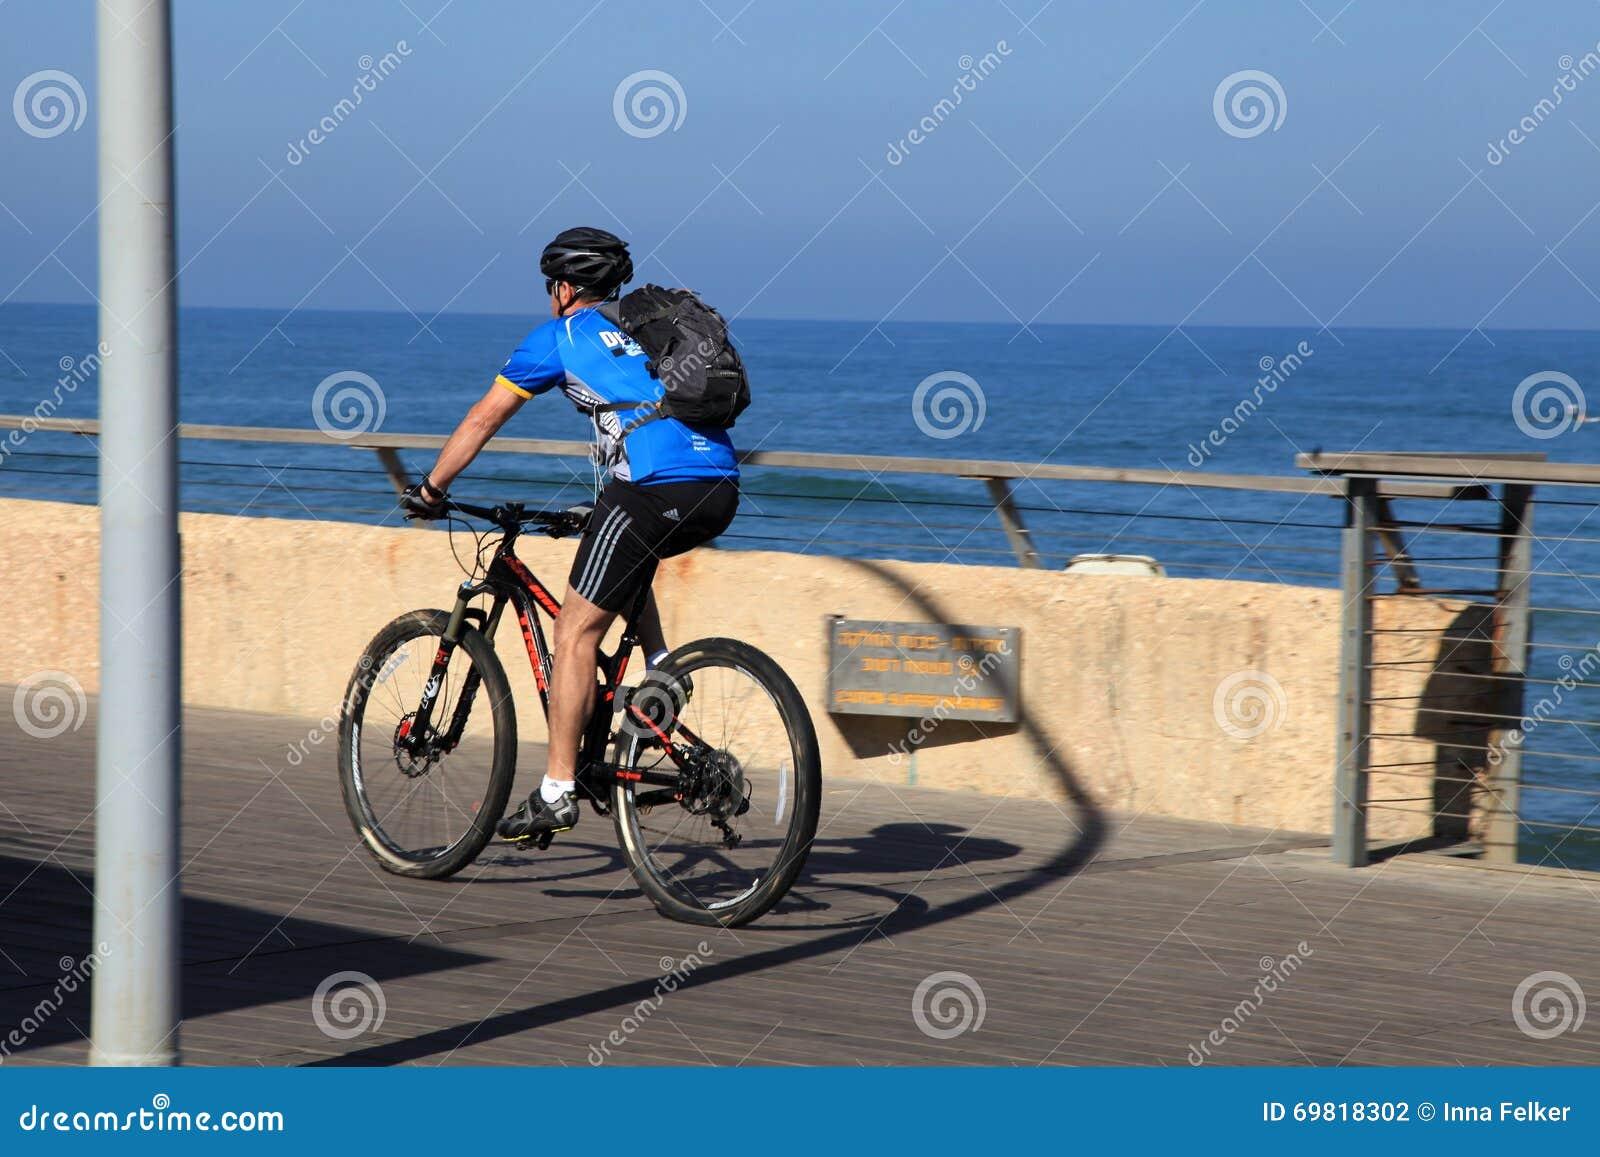 Israelisches Mannfahrfahrrad auf Seepromenade in Tel Aviv, Israel